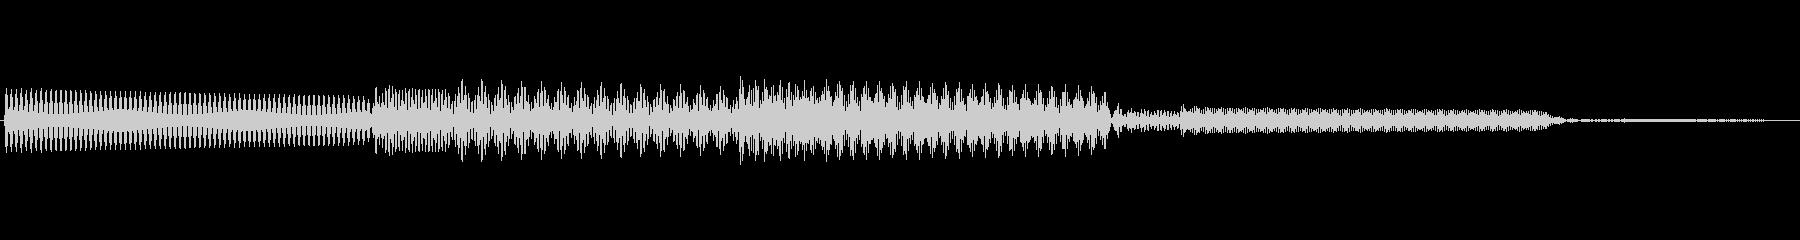 ボタン決定音システム選択タッチ登録A01の未再生の波形